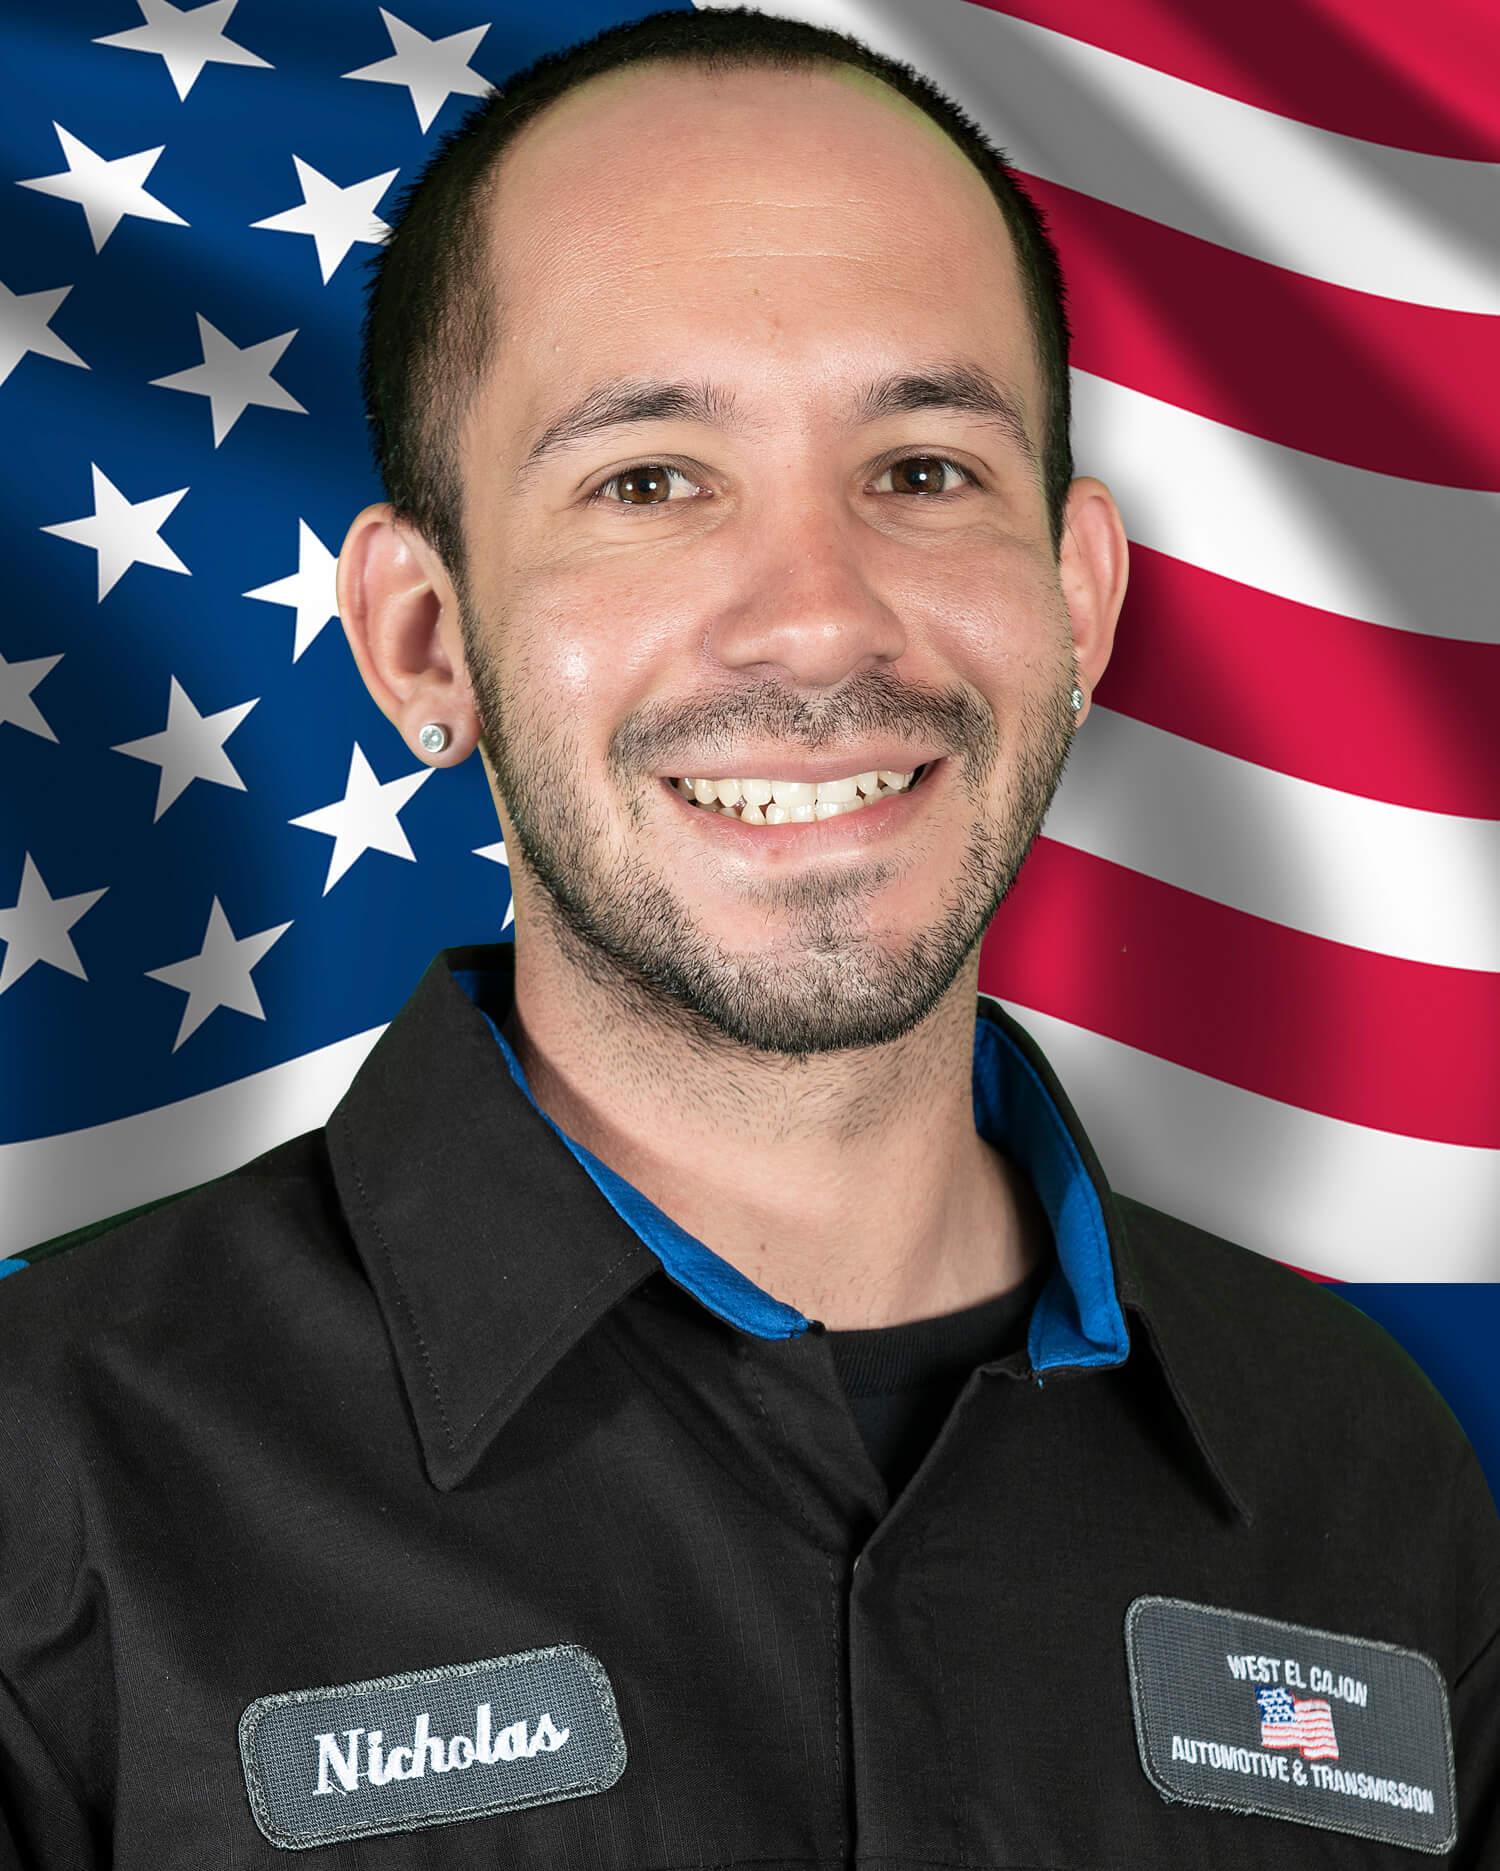 Nicholas Delaney